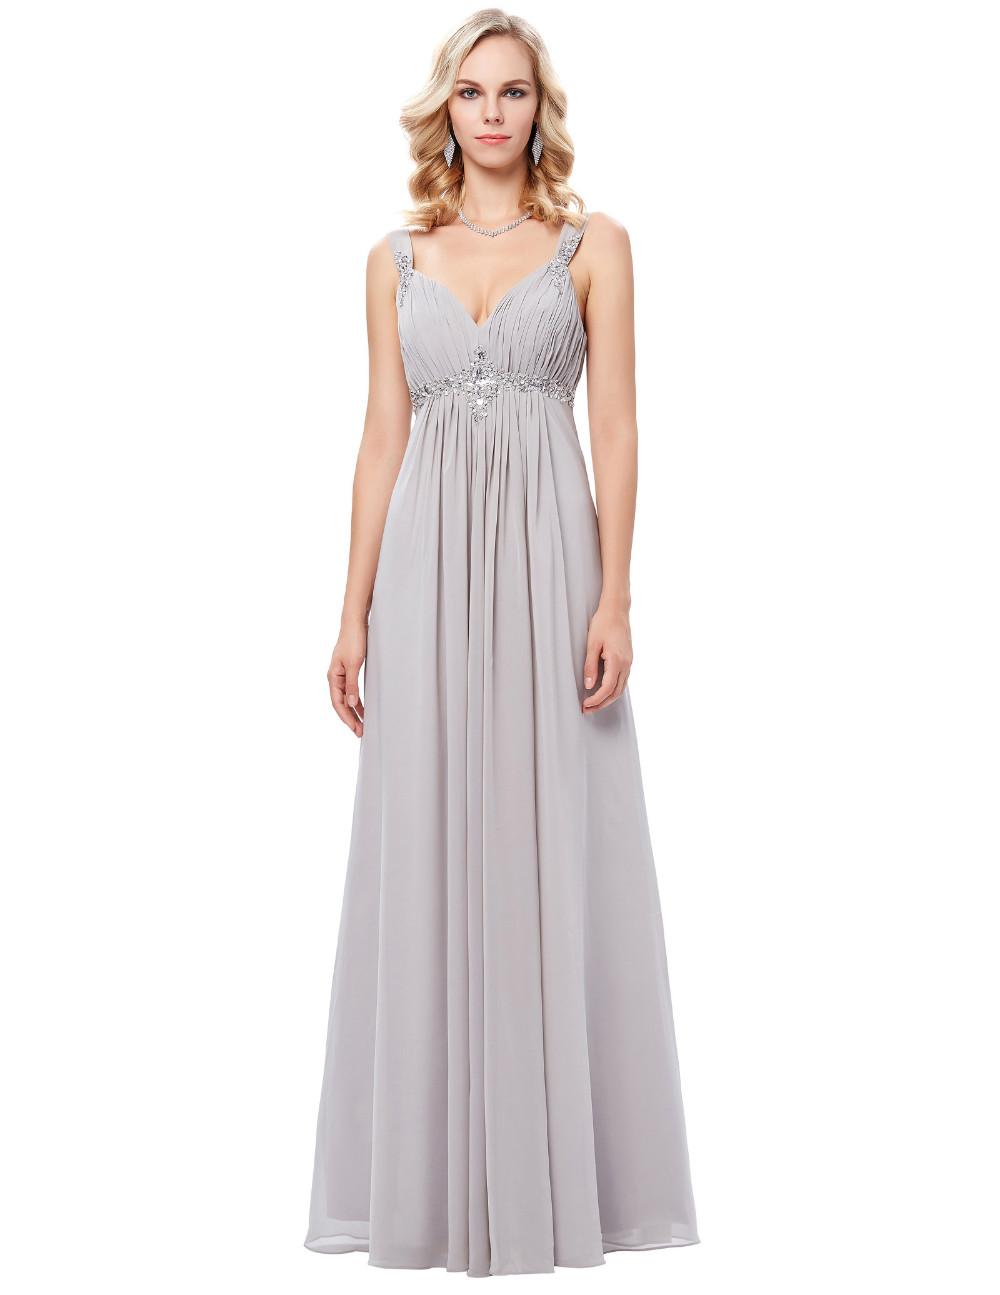 HTB1Fv3gOFXXXXbIXFXXq6xXFXXXuLong Formal Dress Elegant Floor Length Chiffon Dress